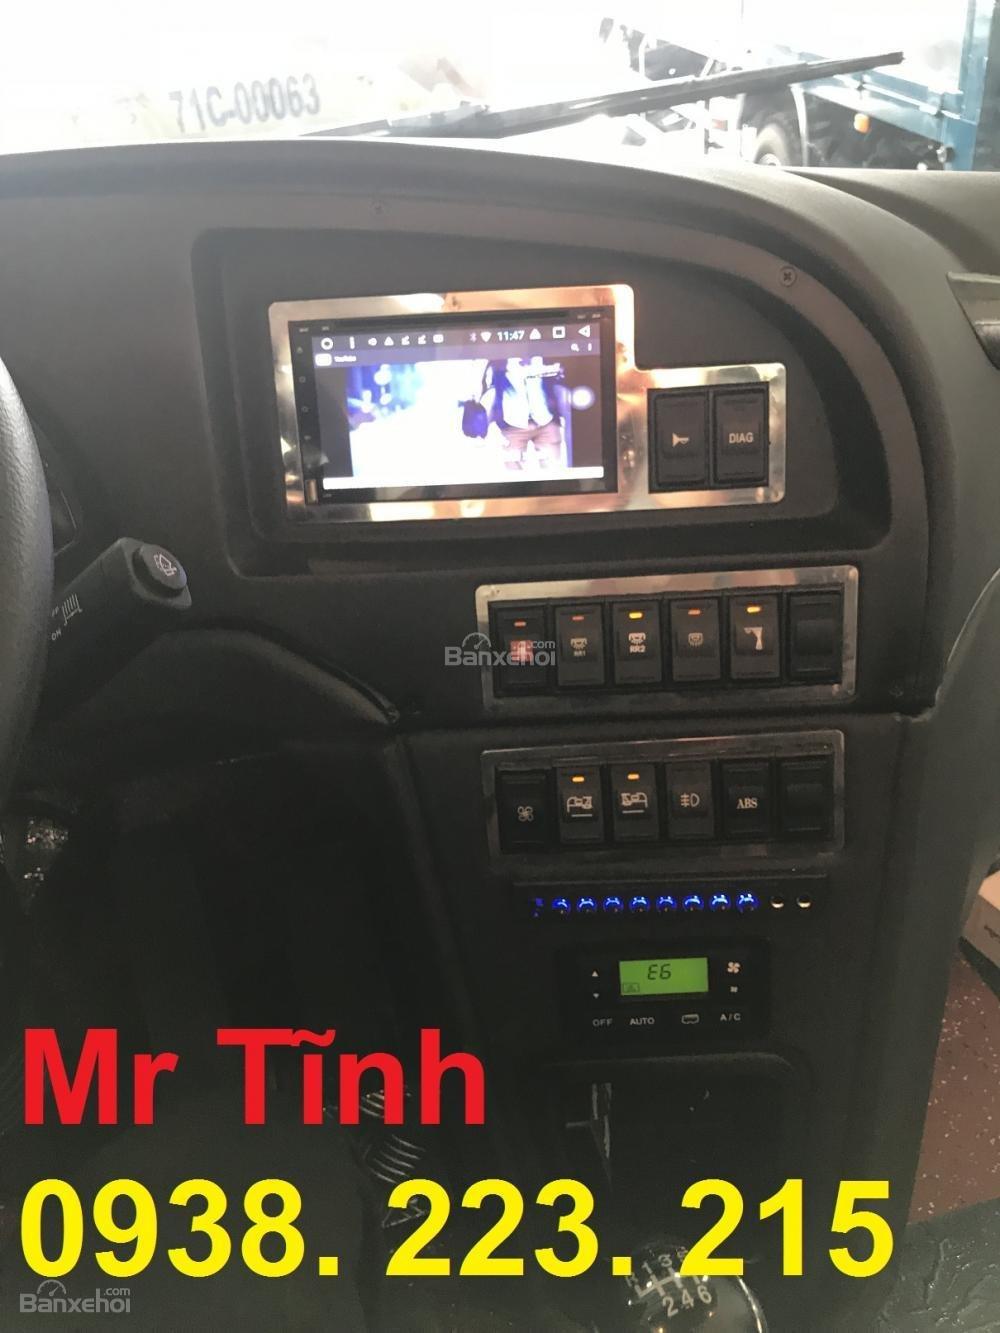 Giá xe TB79 29 chỗ Thaco Trường Hải mới nhất 2018 - hỗ trợ trả góp 75-80% giá trị xe (11)